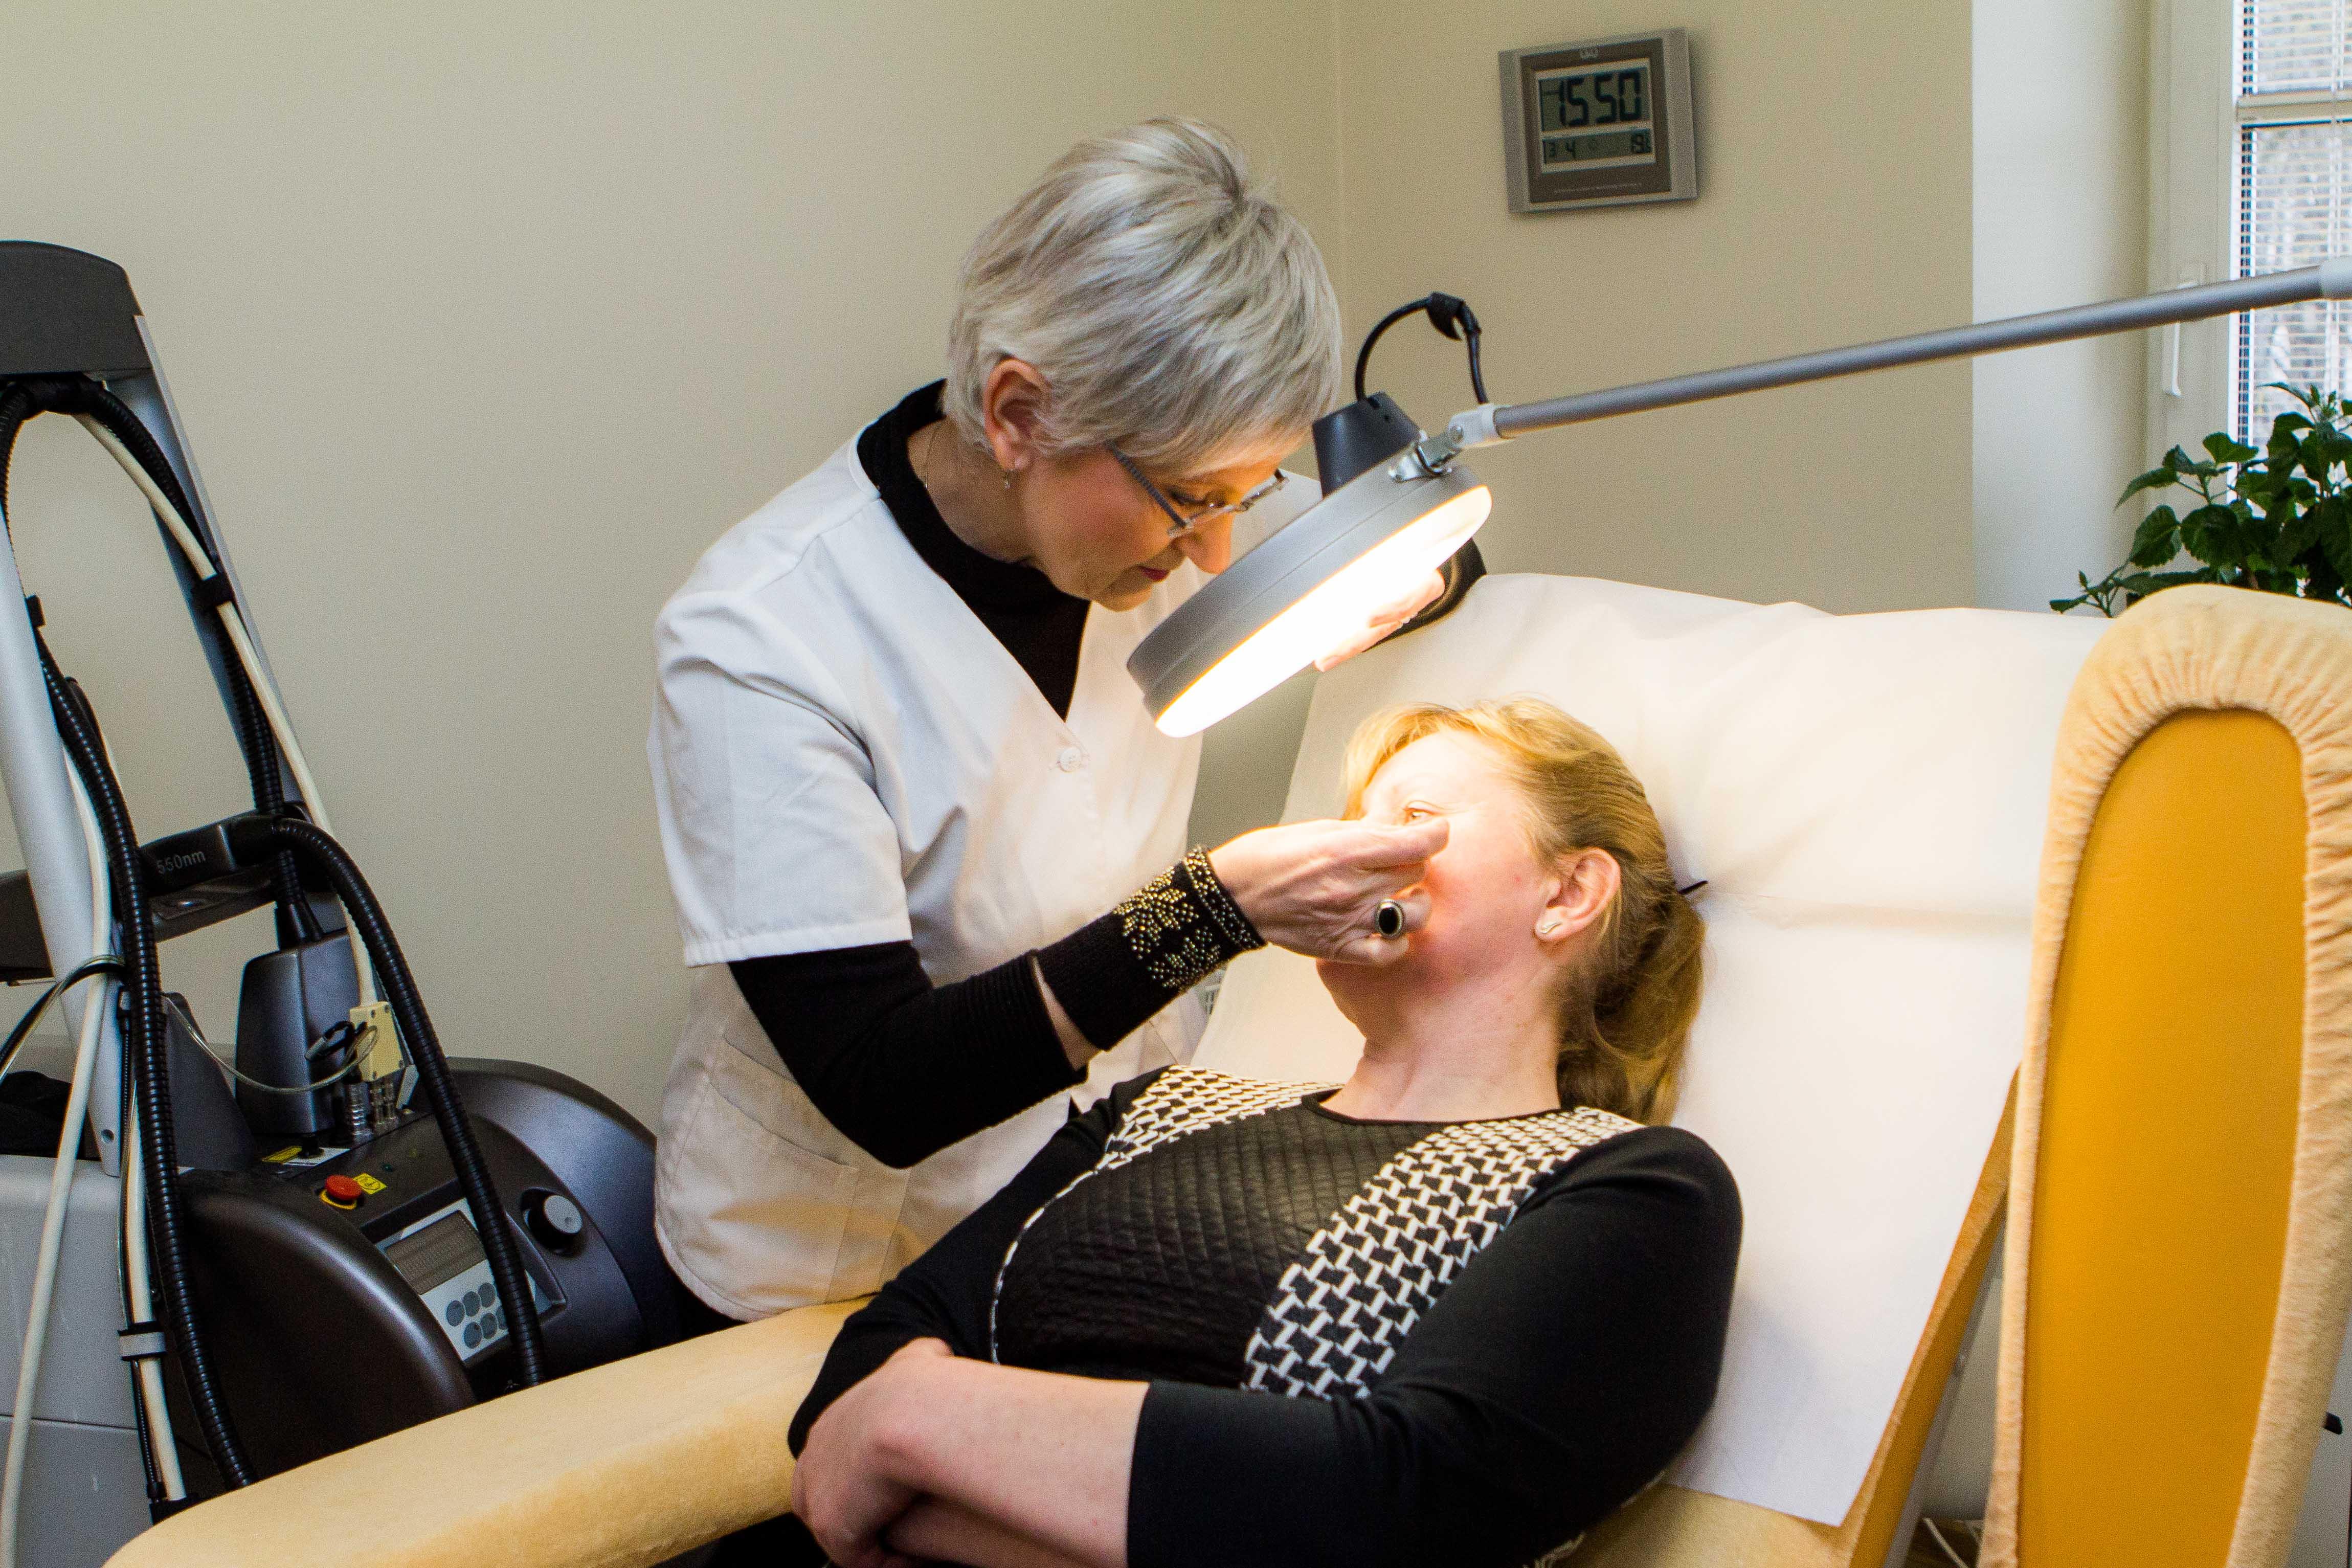 Dermatologo konsultacija SUGIHARA